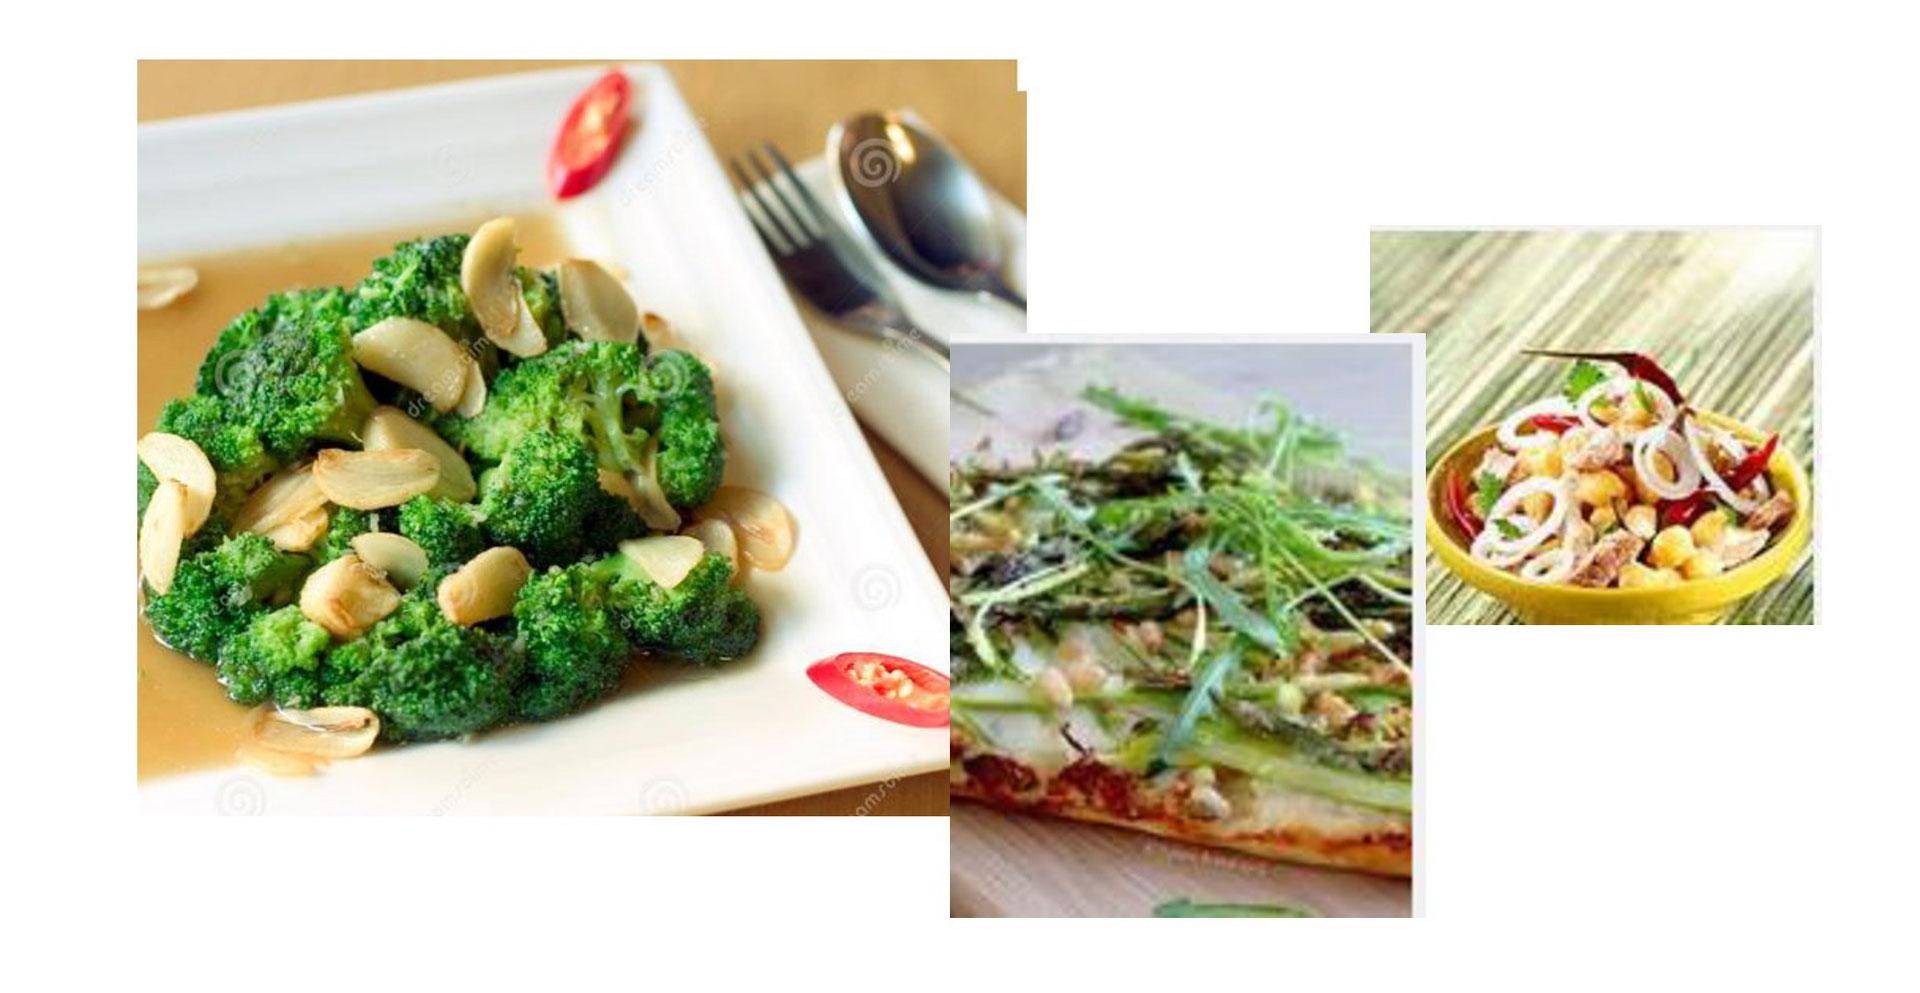 Les ateliers de cuisine saine et locale noyal accueil Cuisine a 10000 euros